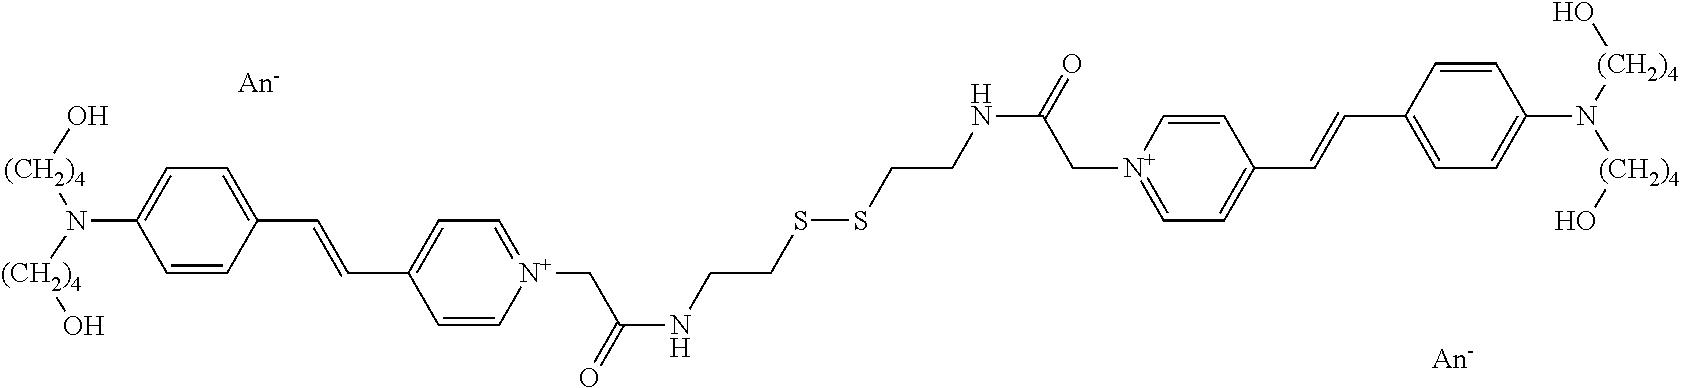 Figure US08840684-20140923-C00083